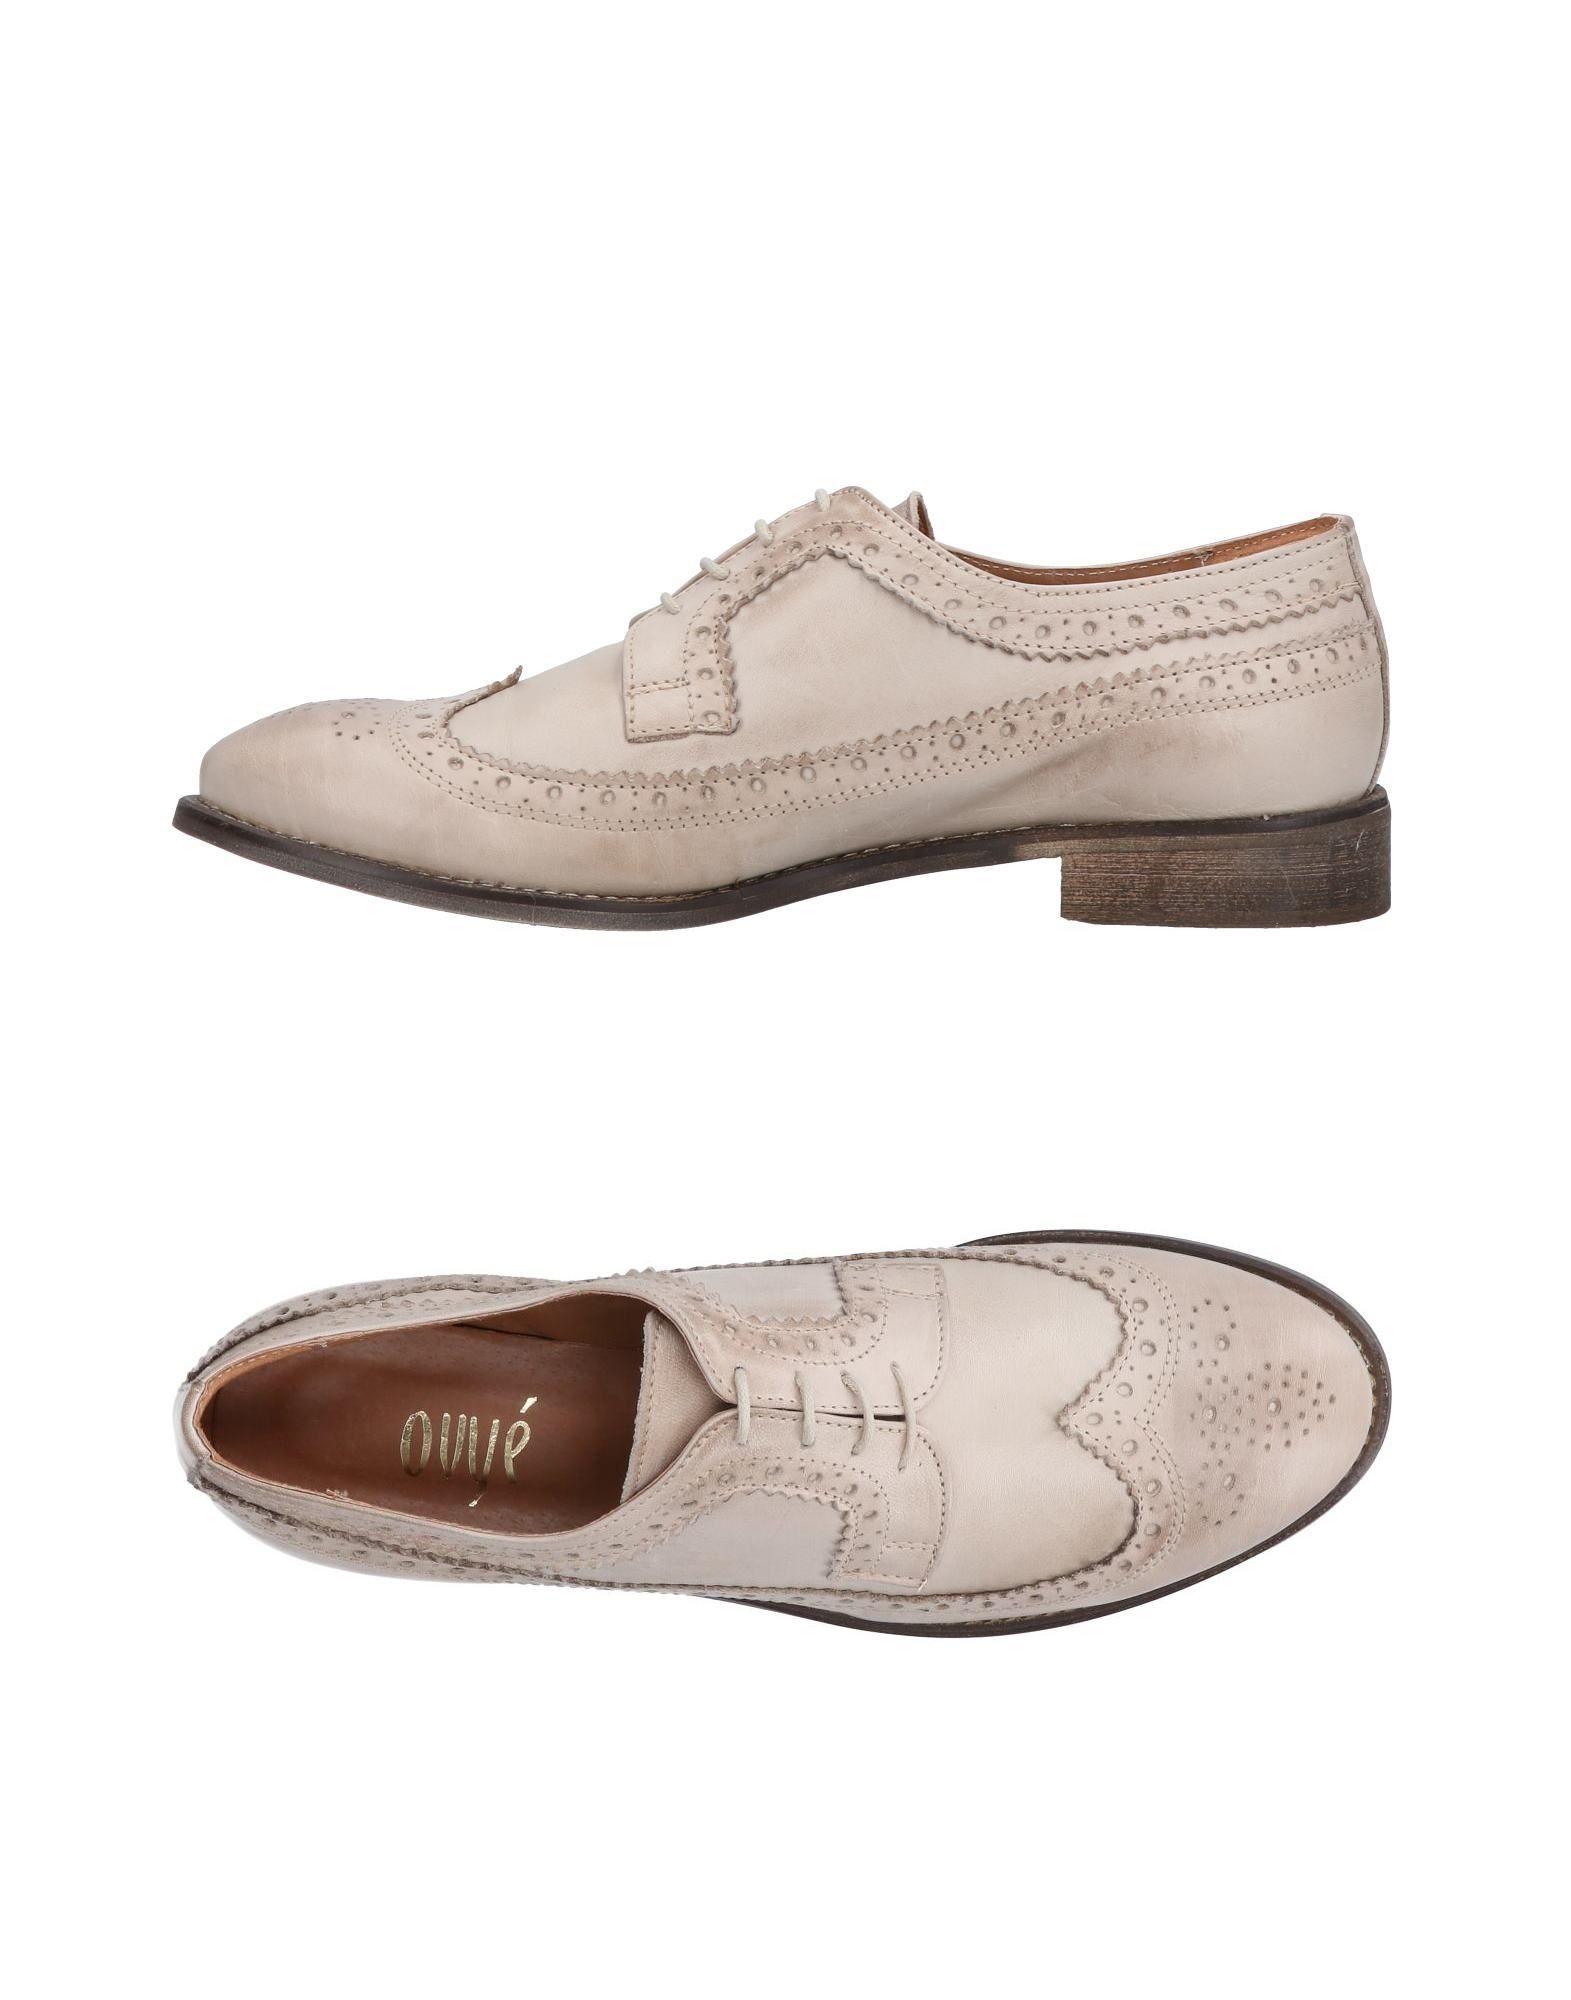 Chaussures - Chaussures À Lacets Ovye Par Cristina Lucchi 9QHR6rbo